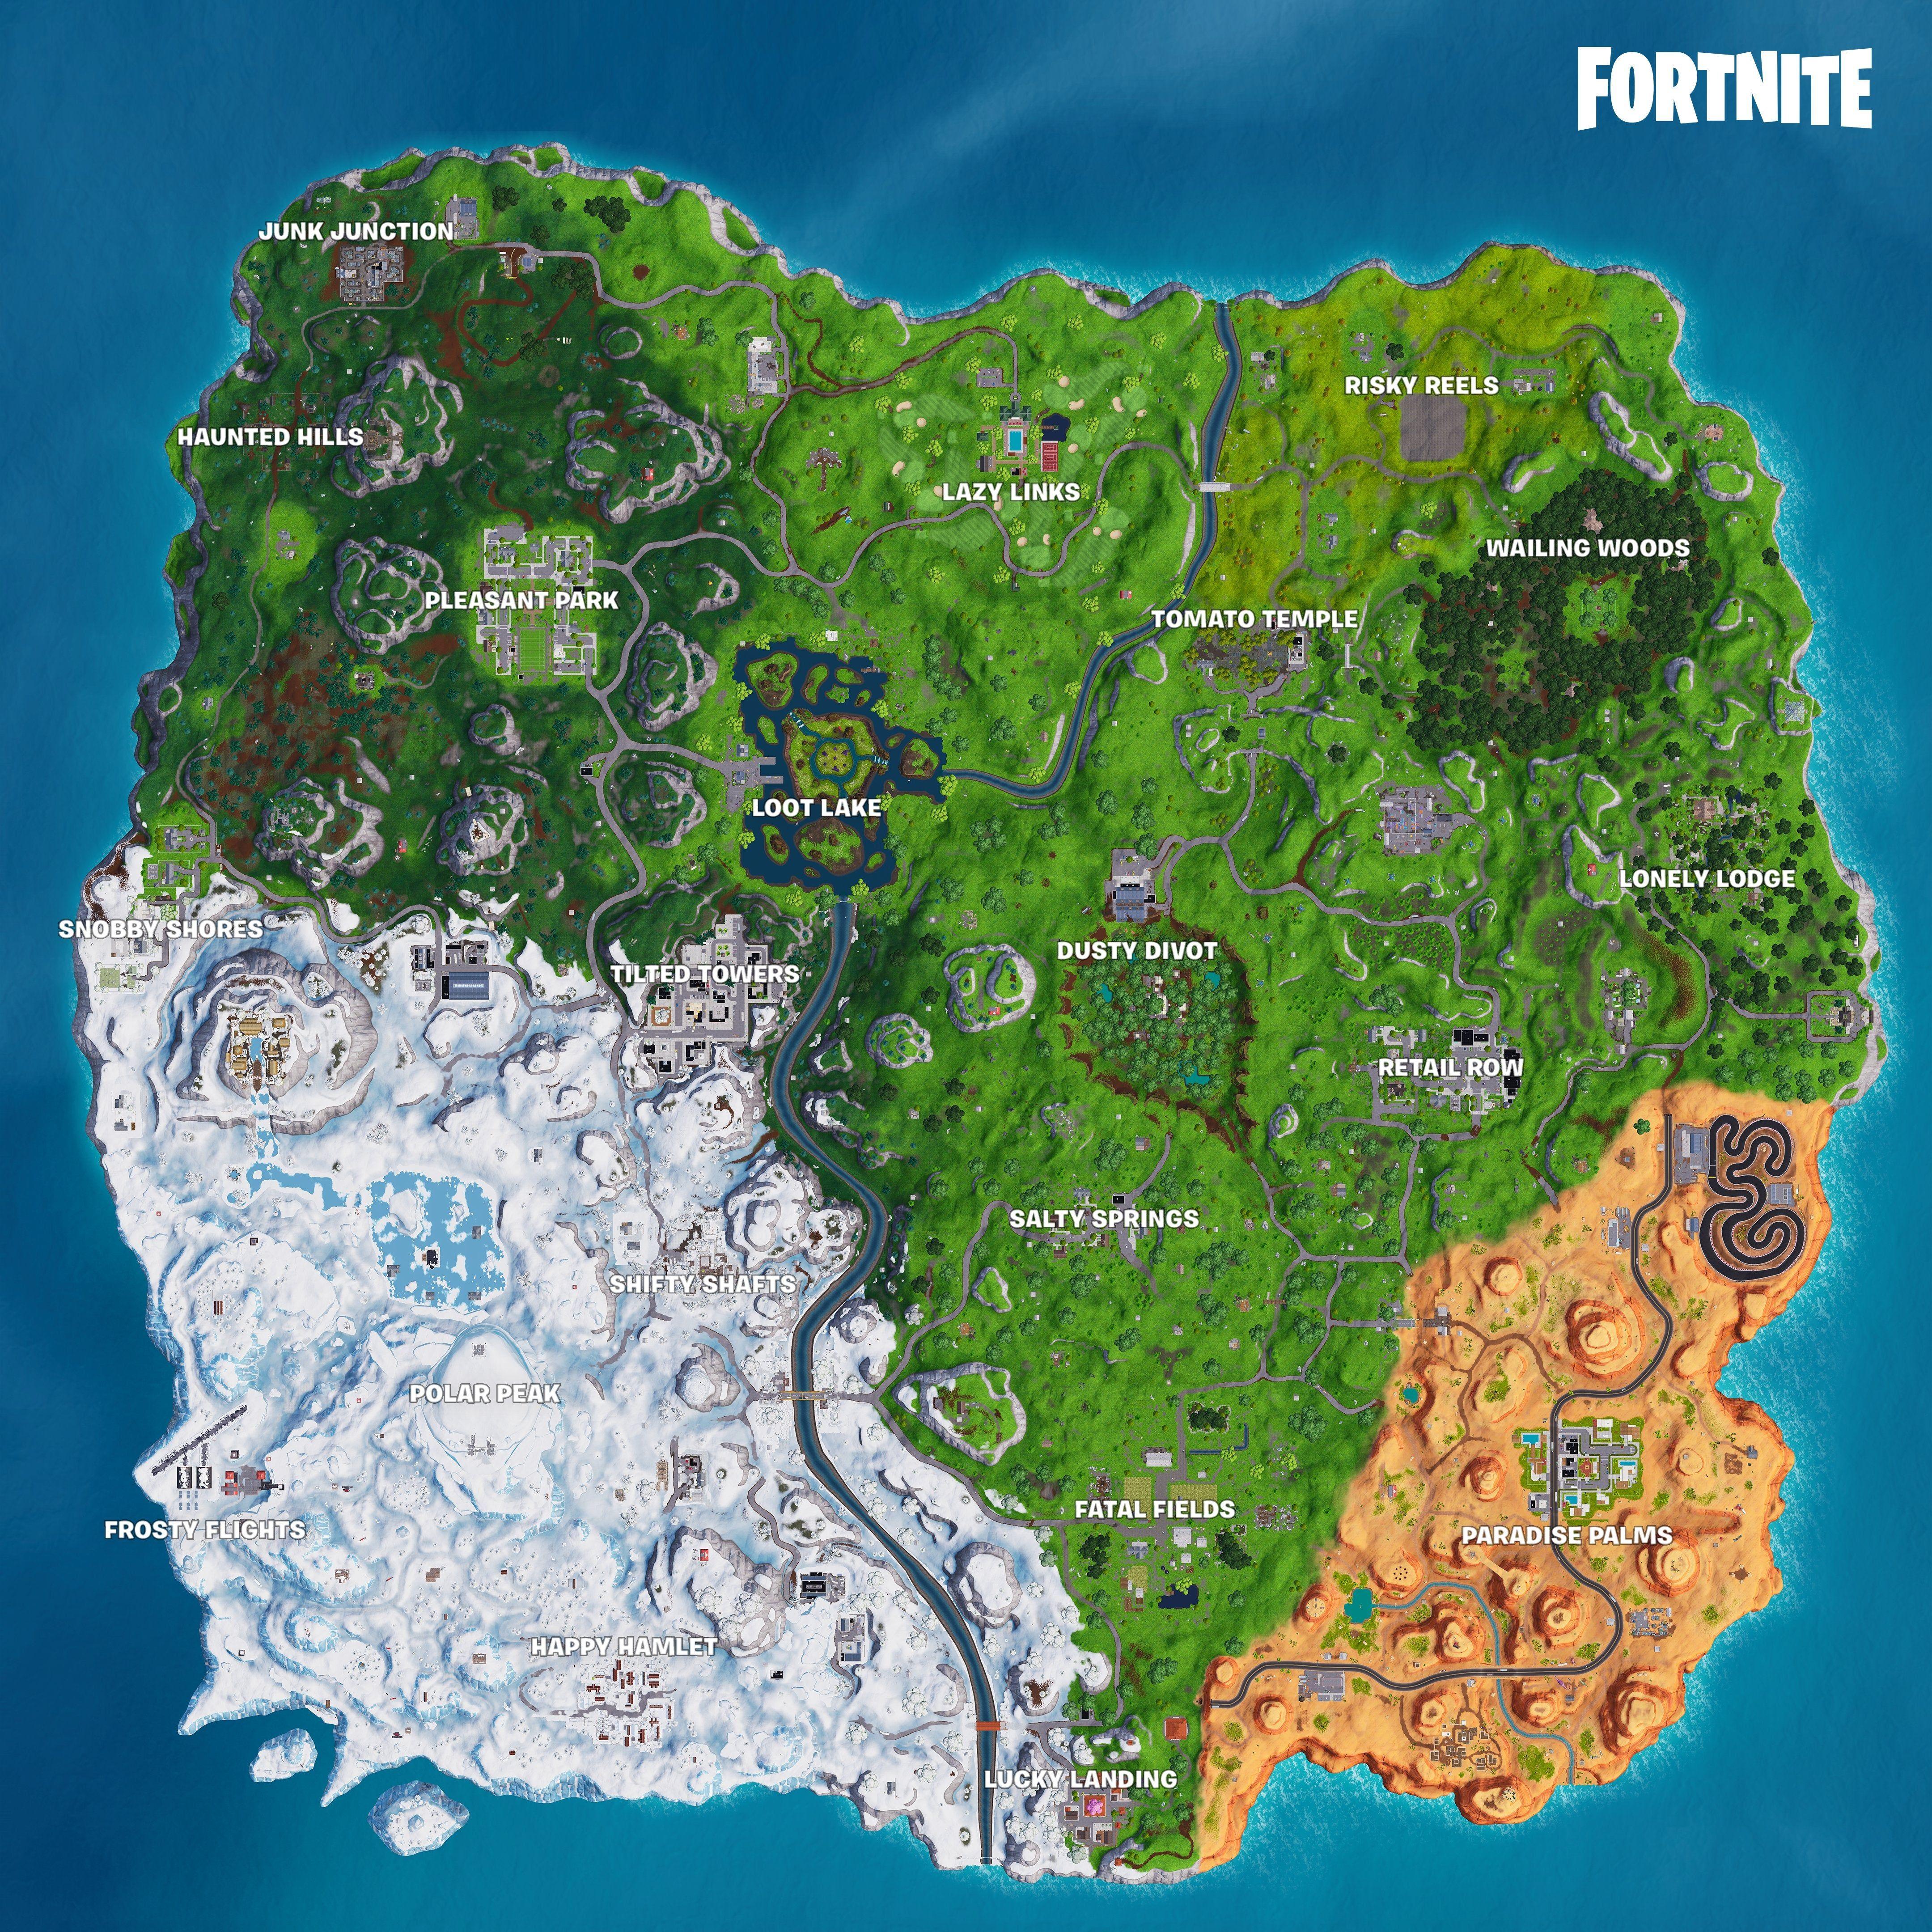 Fortnite Map 4K Wallpapers On WallpaperDog